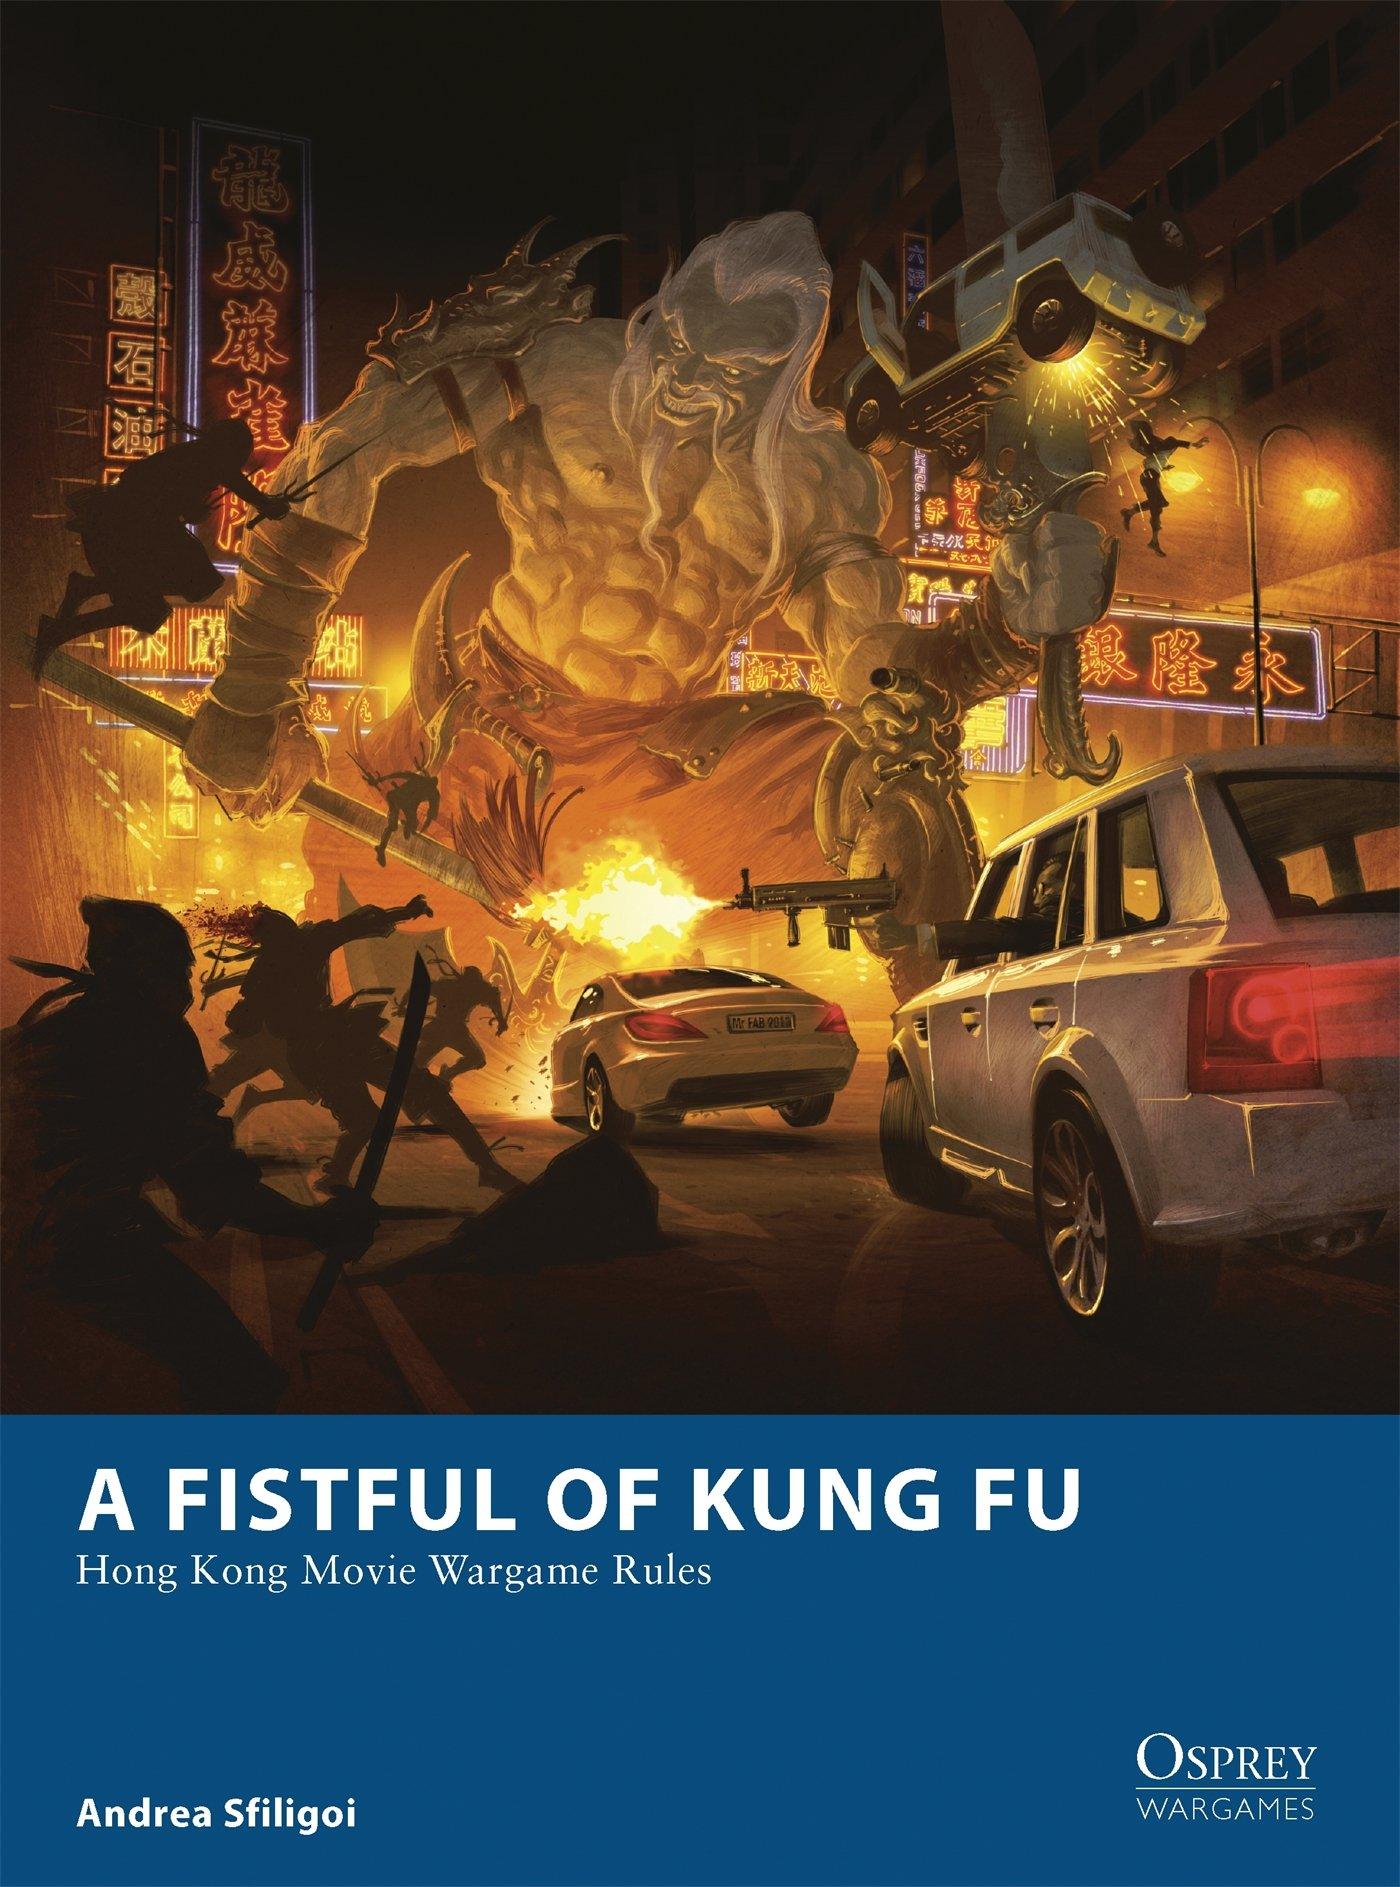 Image du jeu A Fistful of Kung-fu & blablatage